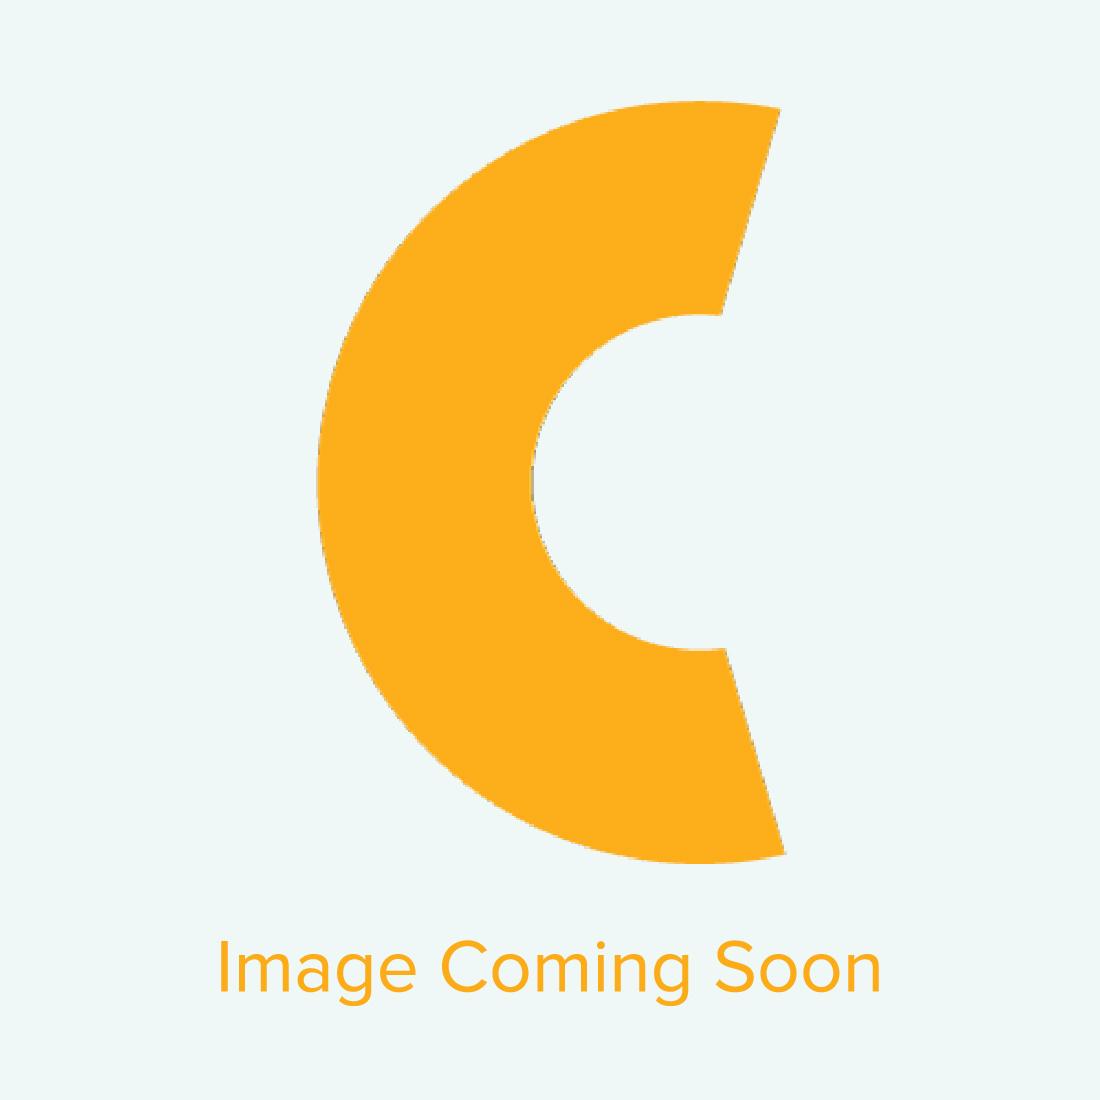 """Premier Ceramic Sublimation Tile - 6"""" x 6"""" - Matte - 24/case"""